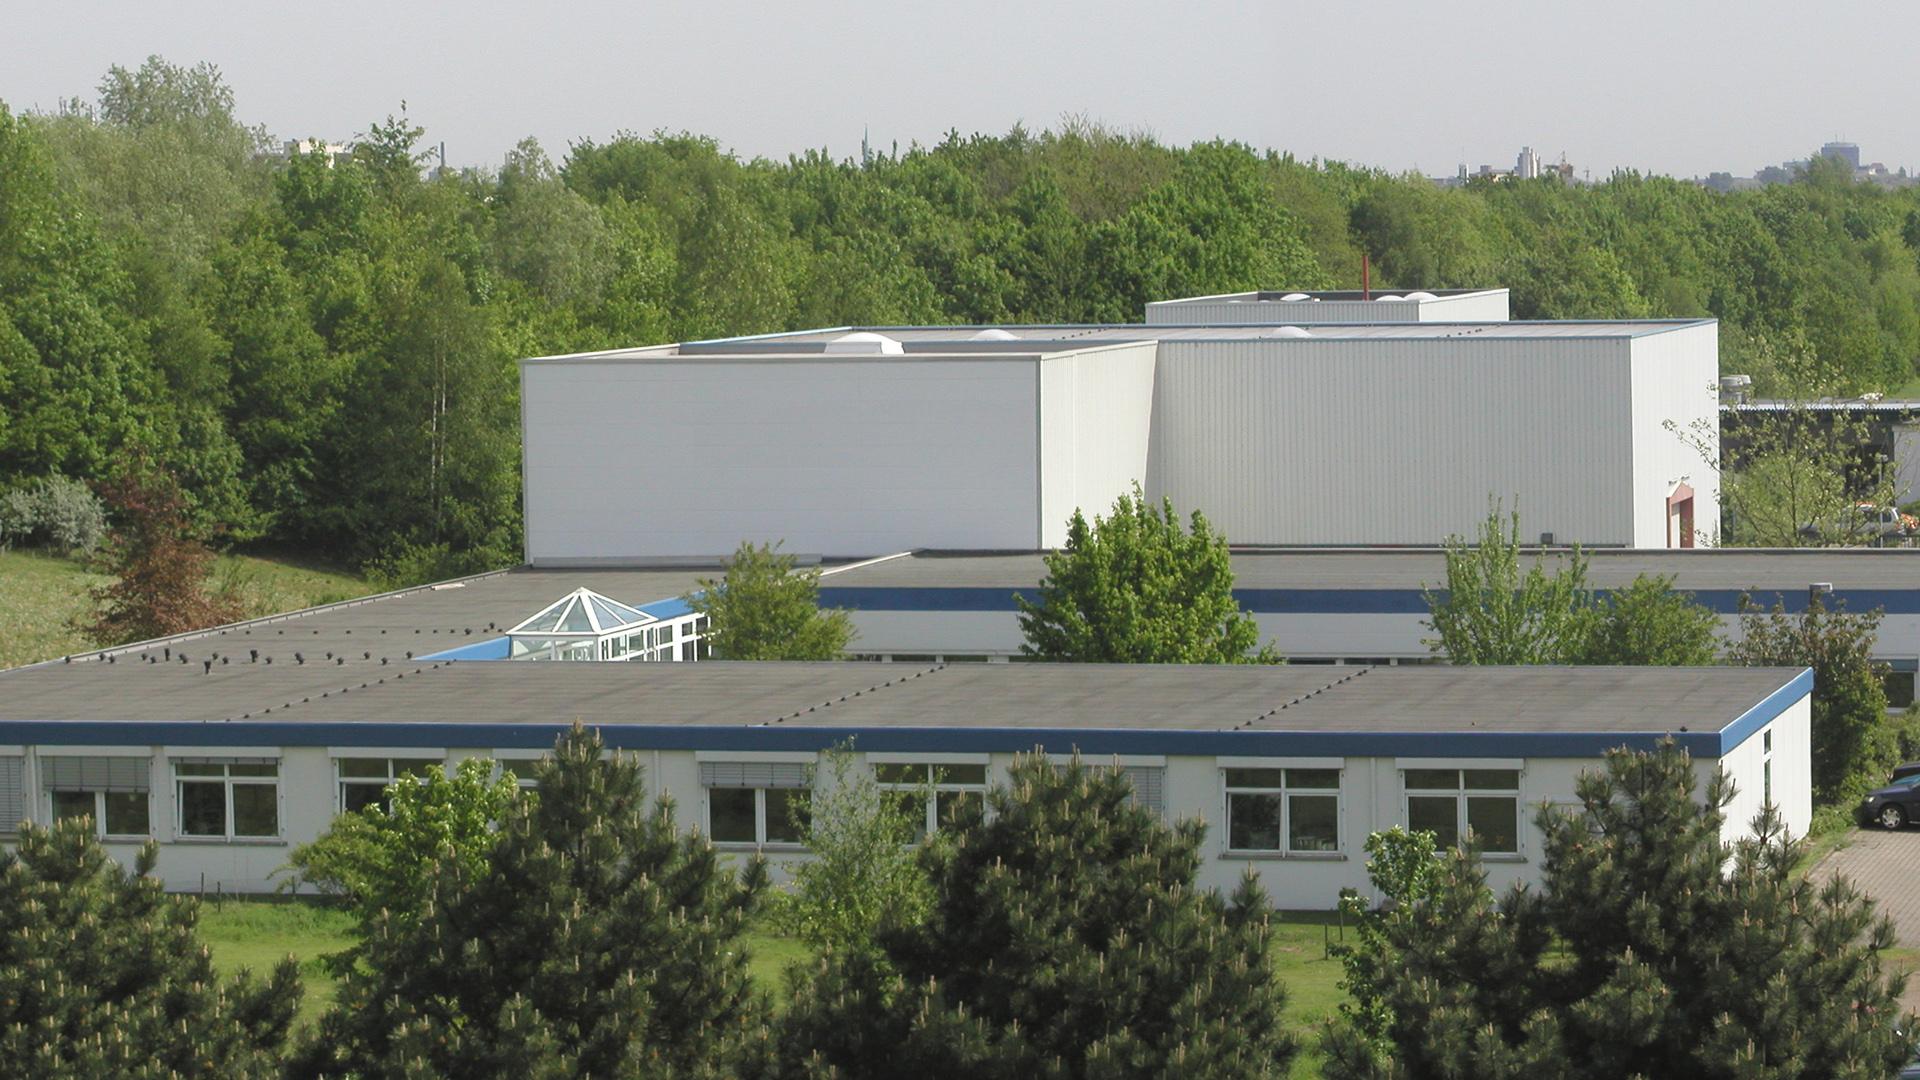 Vogelperspektive auf das ehemalige Lehrstuhlgebäude des FLW mit seiner angrenzenden Versuchshalle